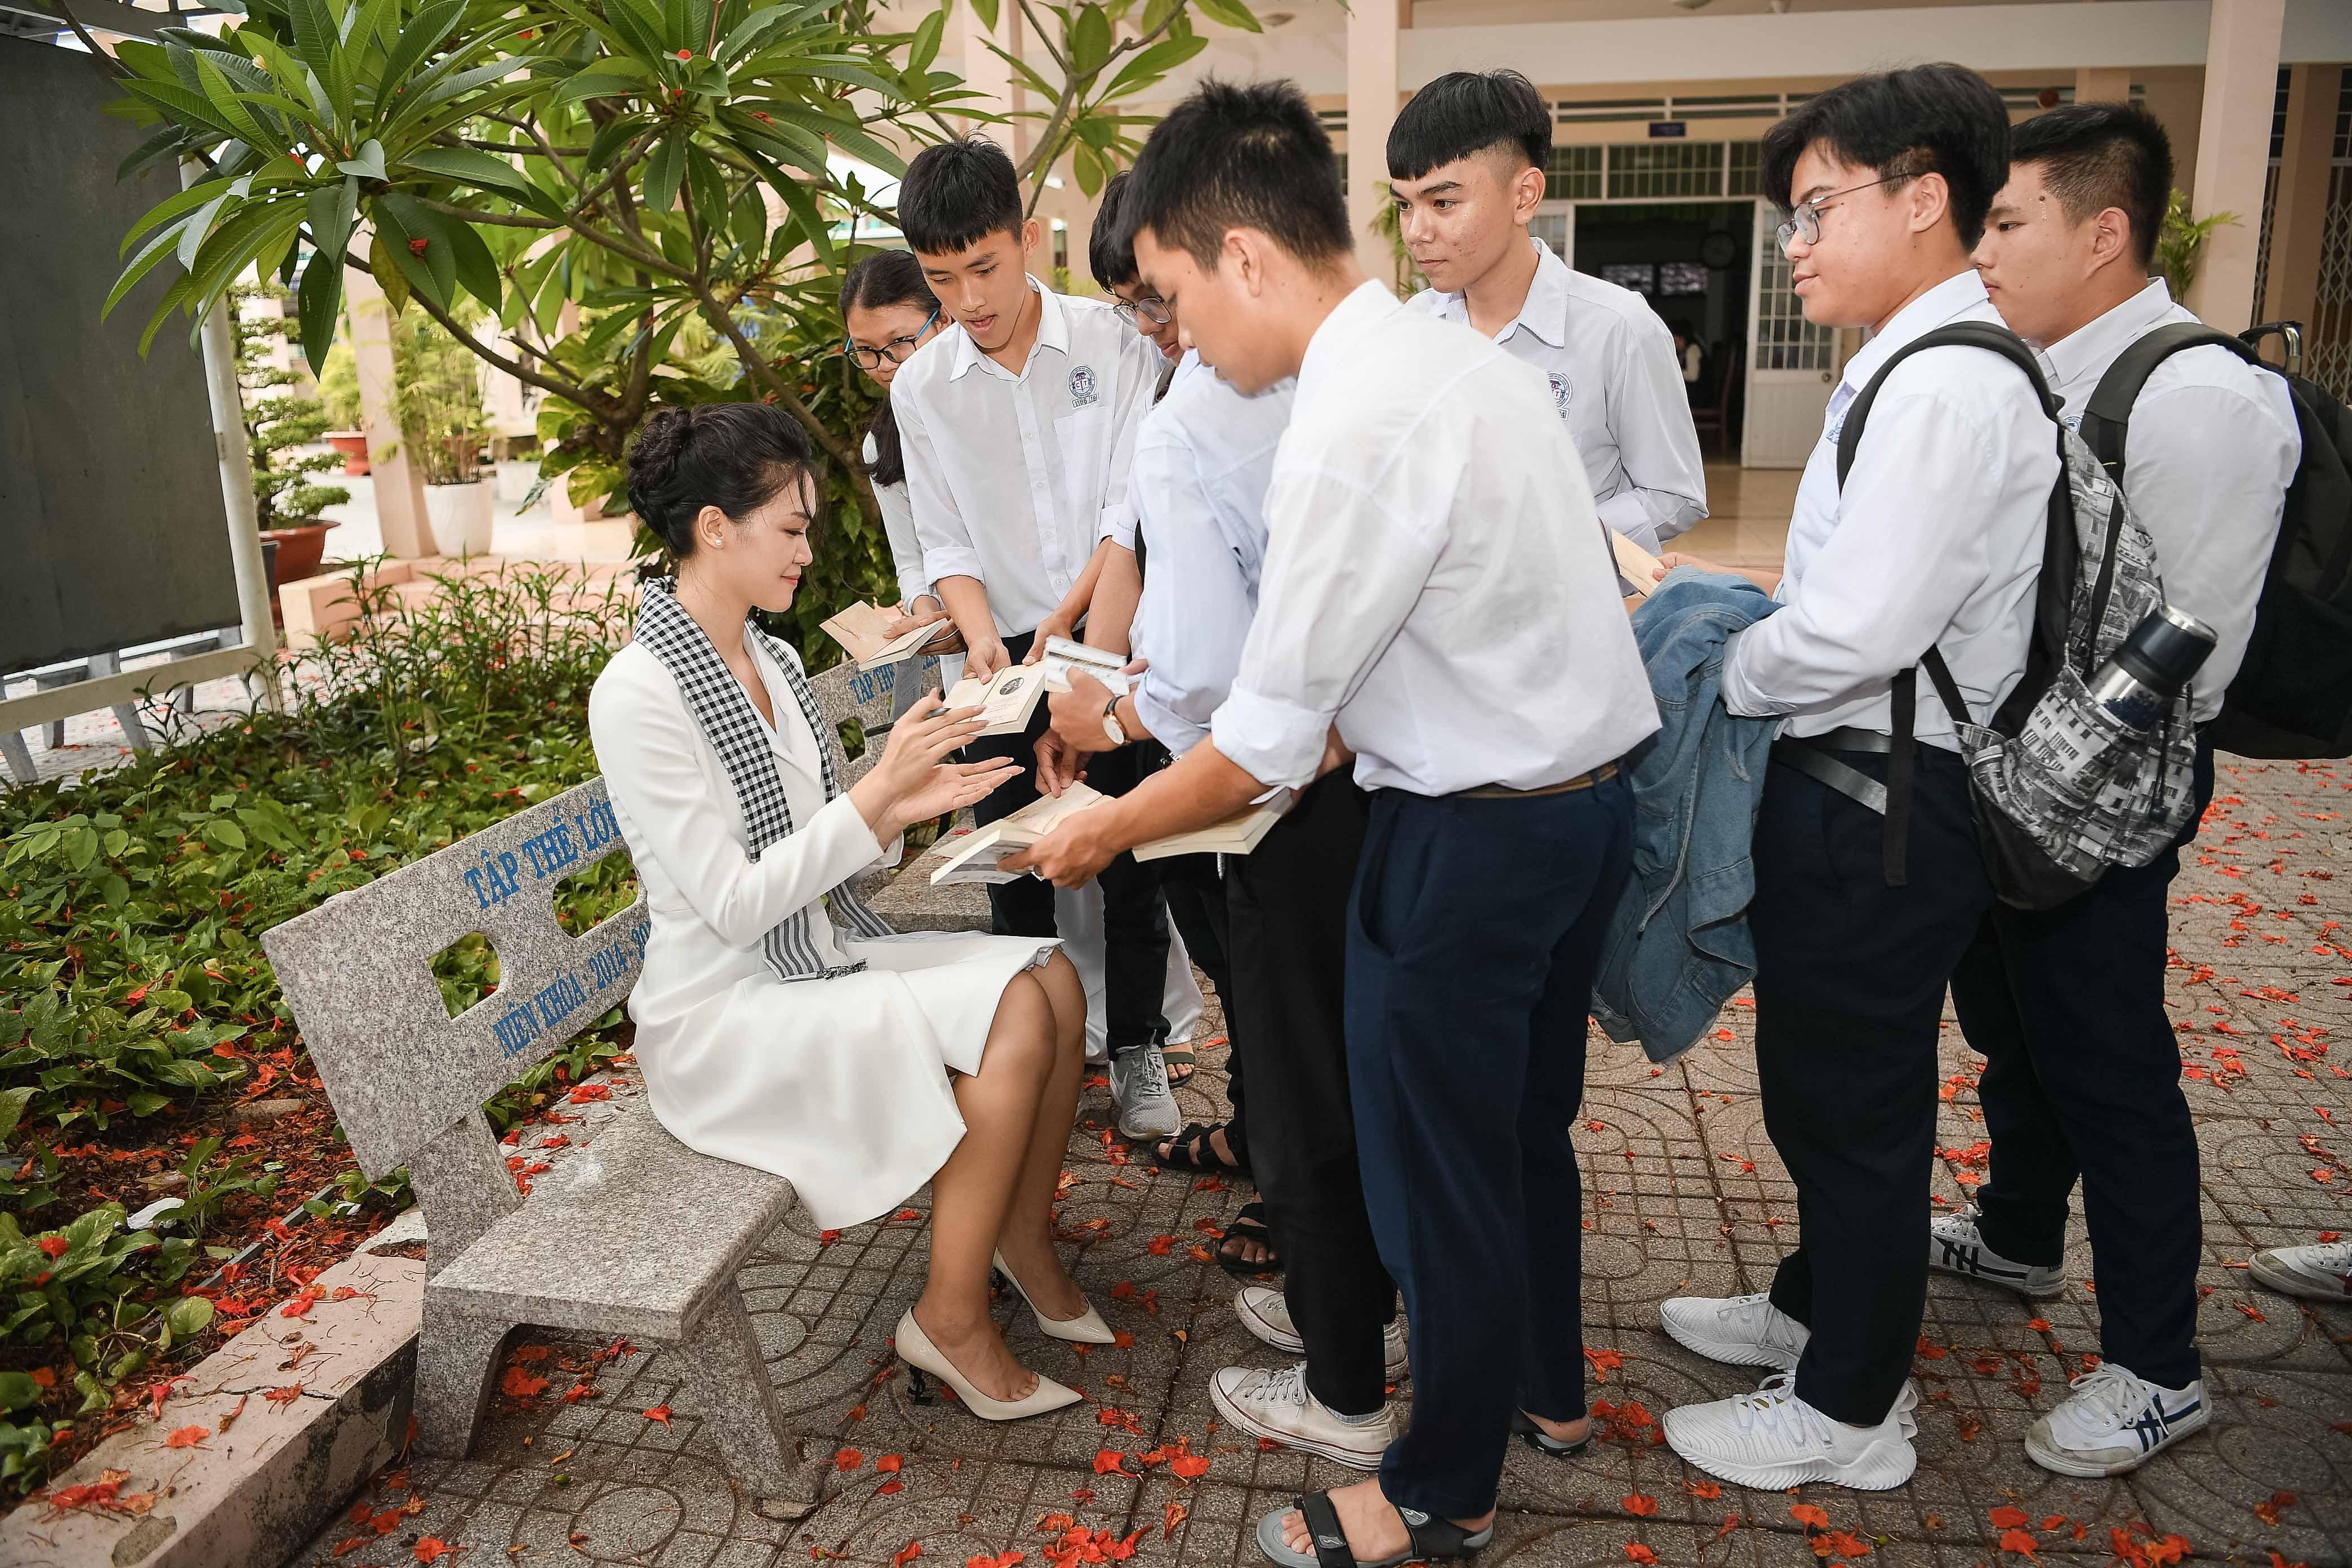 Siêu xe ông Đặng Lê Nguyên Vũ yêu thích nhất đưa đón Hoa hậu Thùy Dung 6